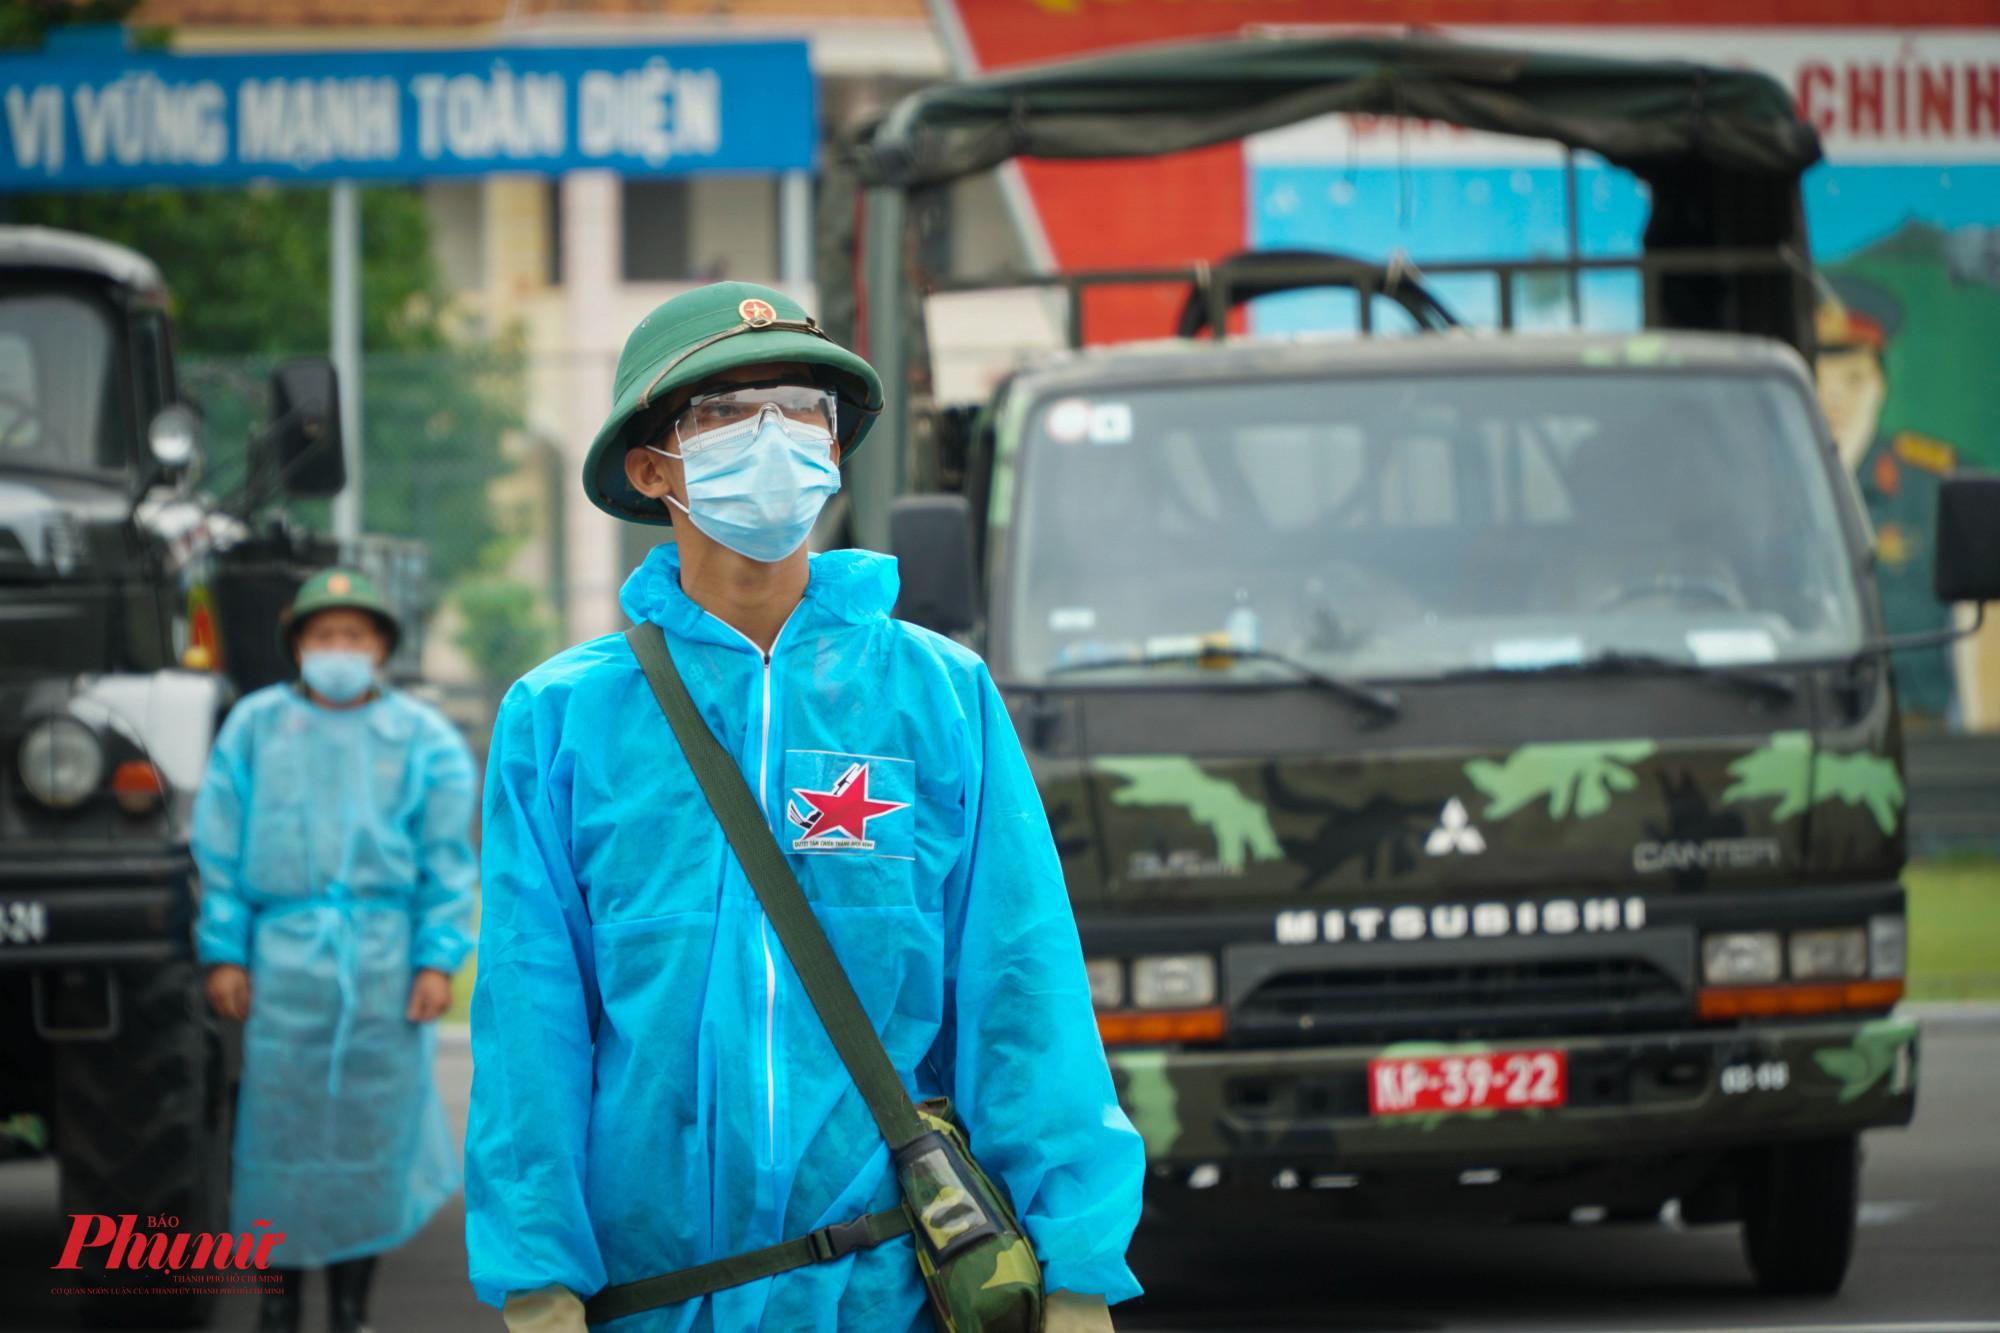 Các chiến sĩ thực hiện nhiệm vụ tiêu độc, khử khuẩn nghiêm chỉnh chờ lệnh xuất phát